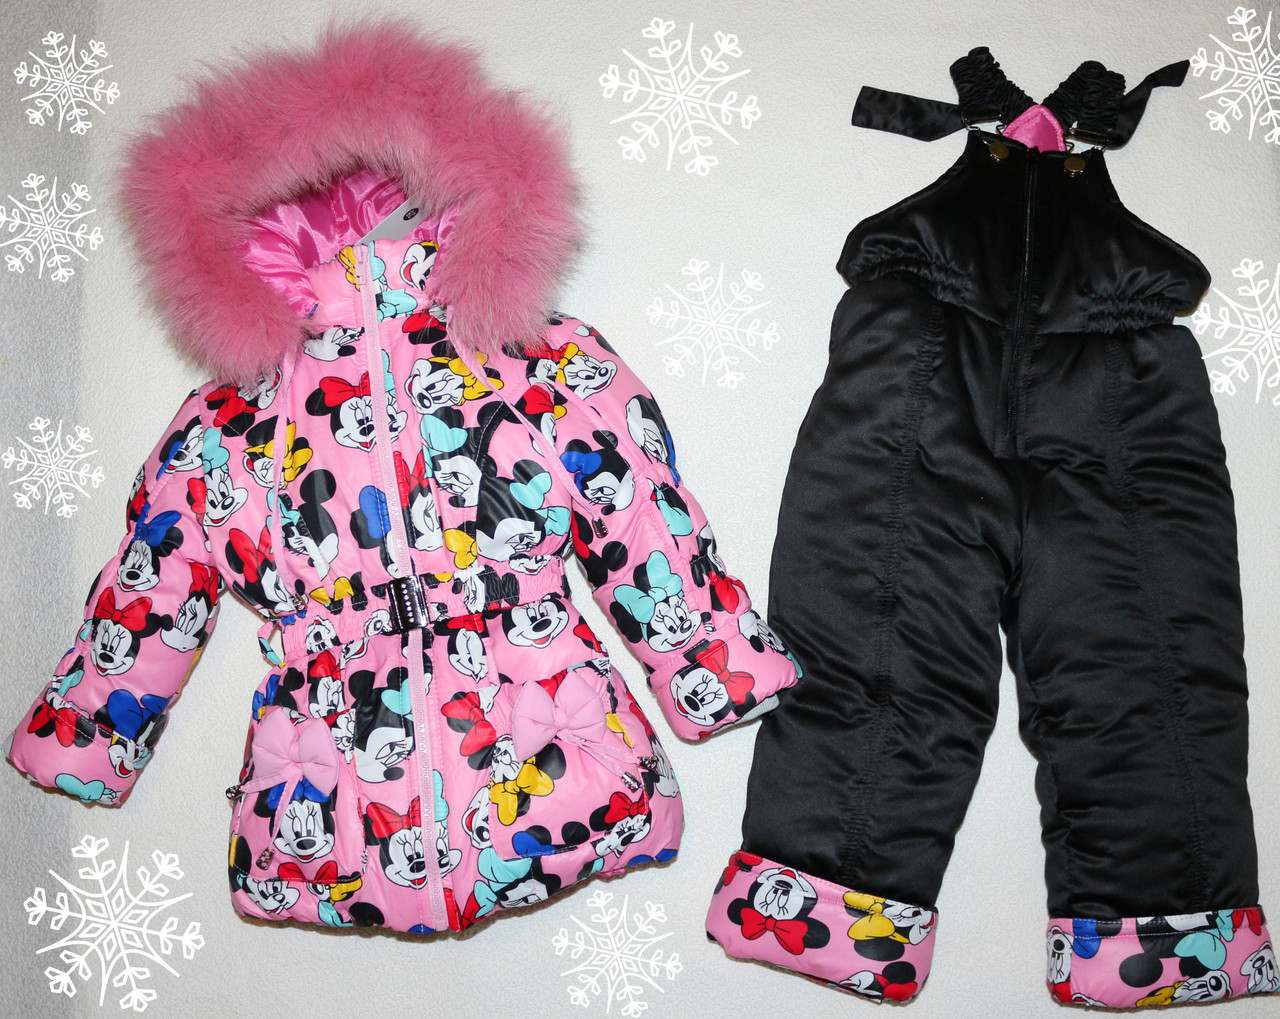 25d969b9567 Зимний комбинезон +куртка 3-4 года натуральная опушка - Детская одежда из  Турции оптом